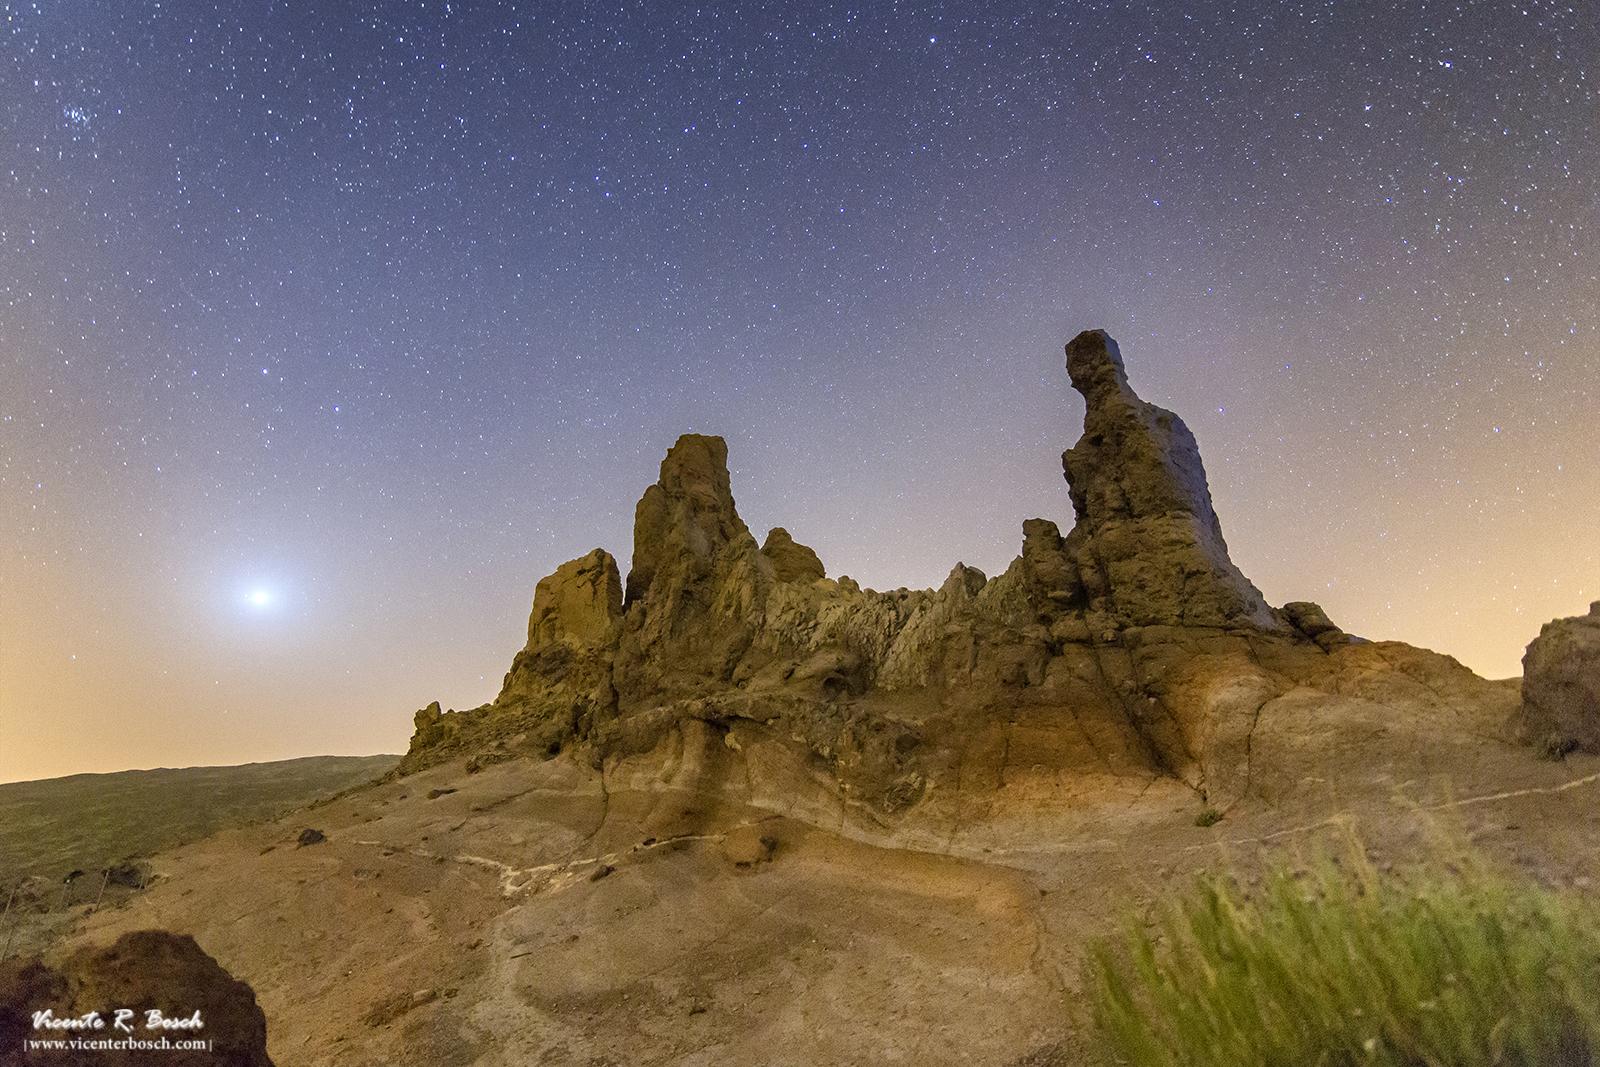 Roques de García - Parque nacional del Teide